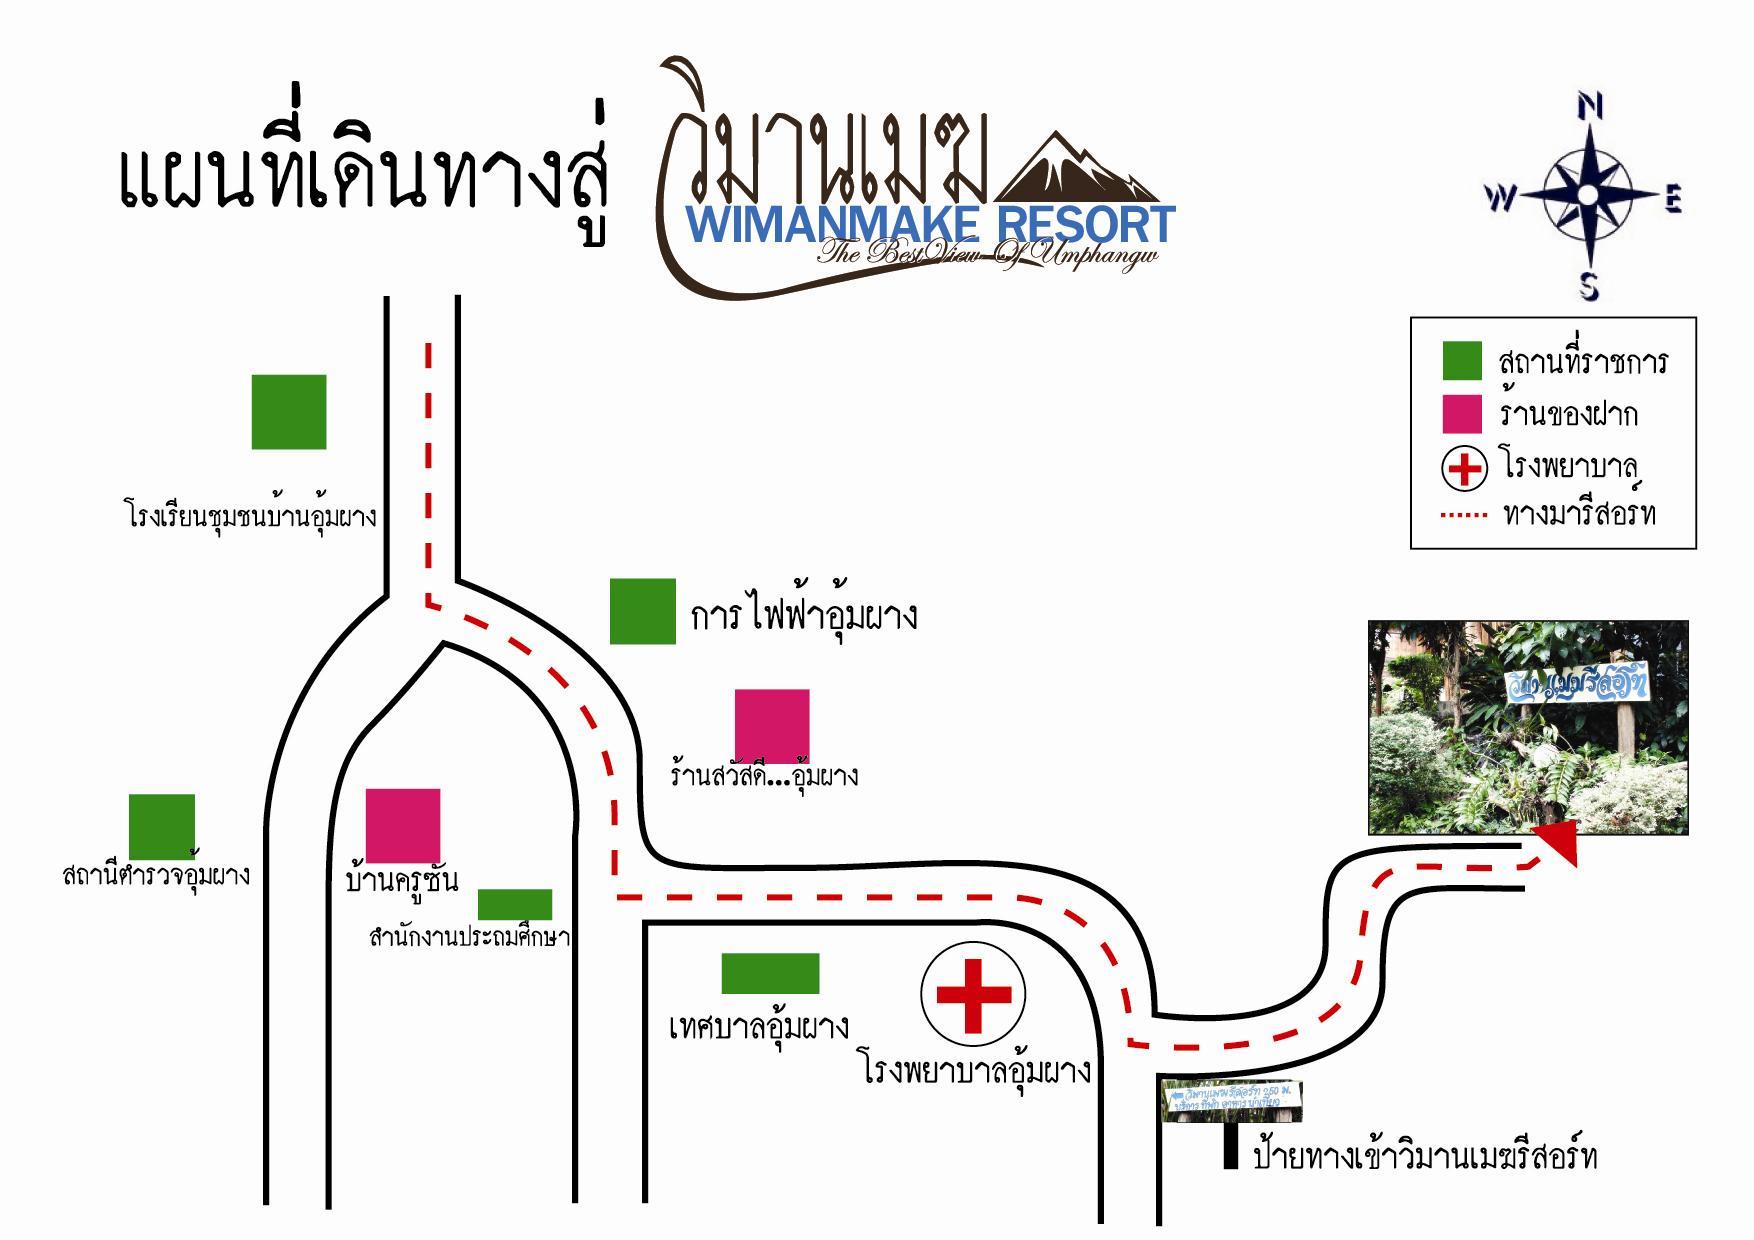 แผนที่เดินทางมายังวิมานเมฆ รีสอร์ท (wimanmake resort)